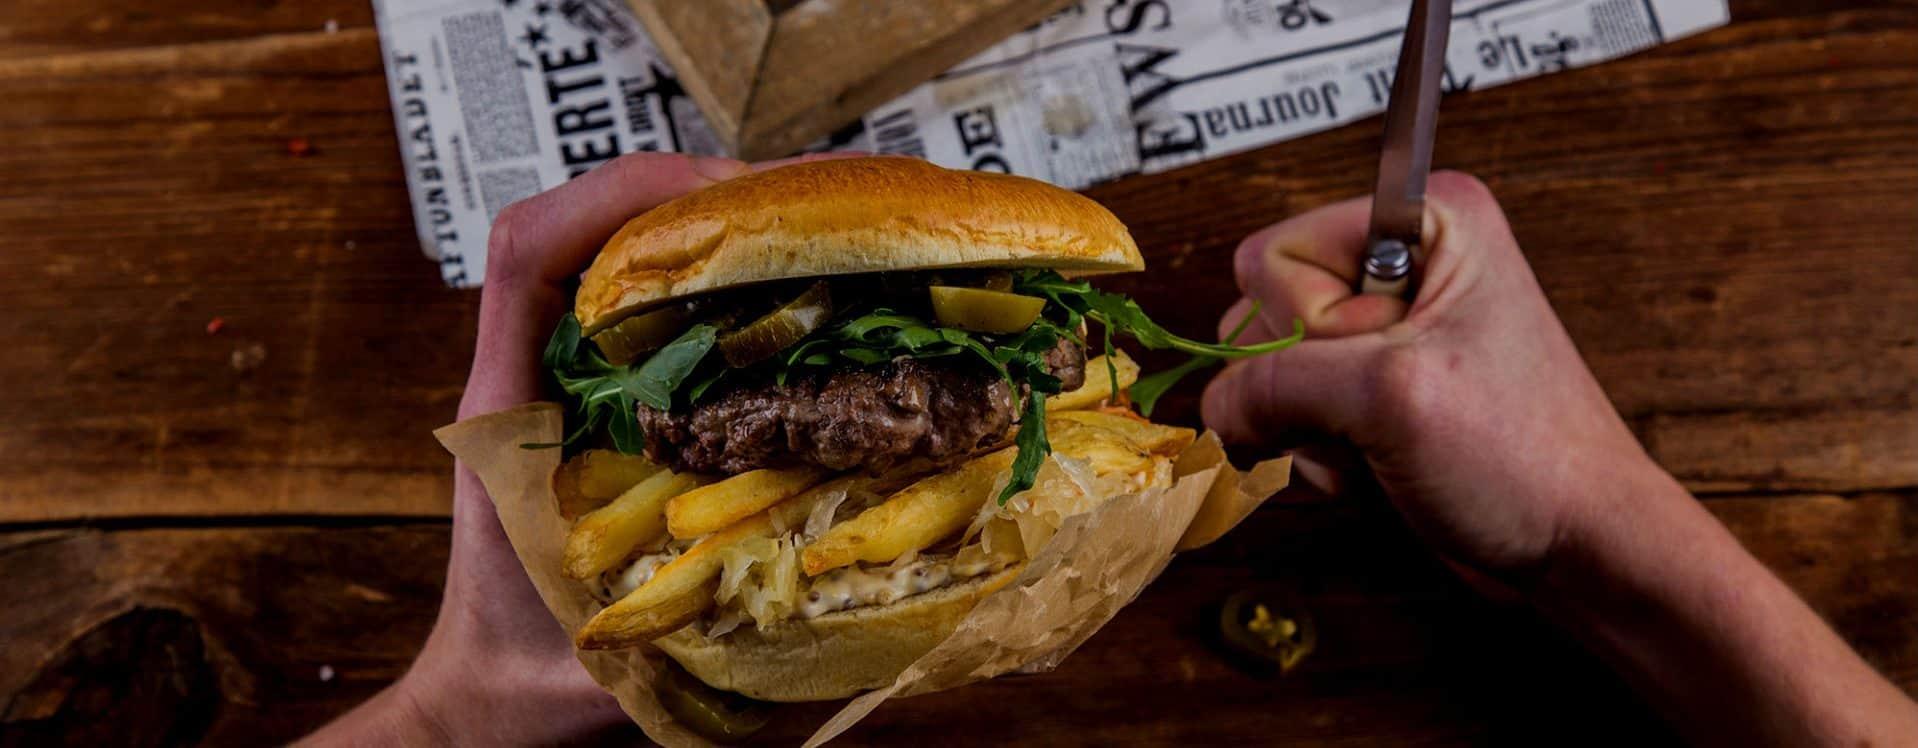 15% zniżki na burgery NightBurger Warszawa przy zamówieniu online